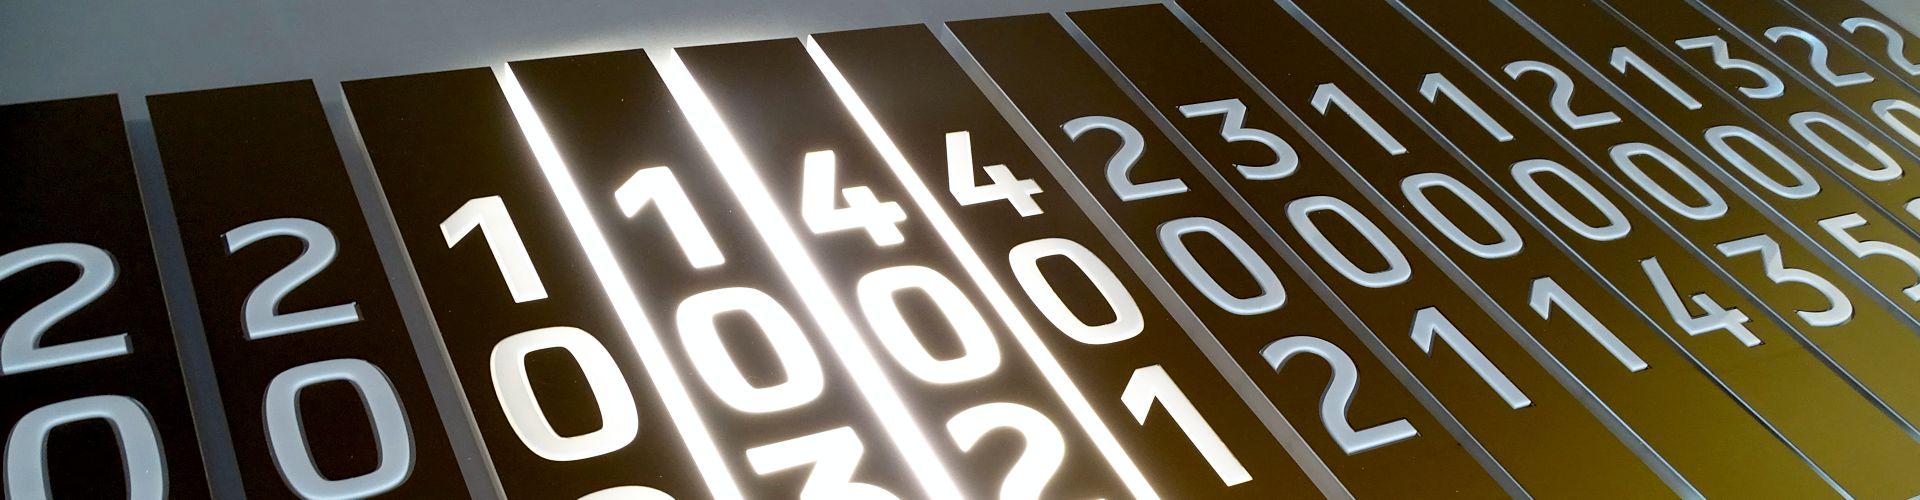 Oznakowanie wewnętrzne świecące panele przydrzwiowe. Zespolone moduły podświetlane z pleksiglasu